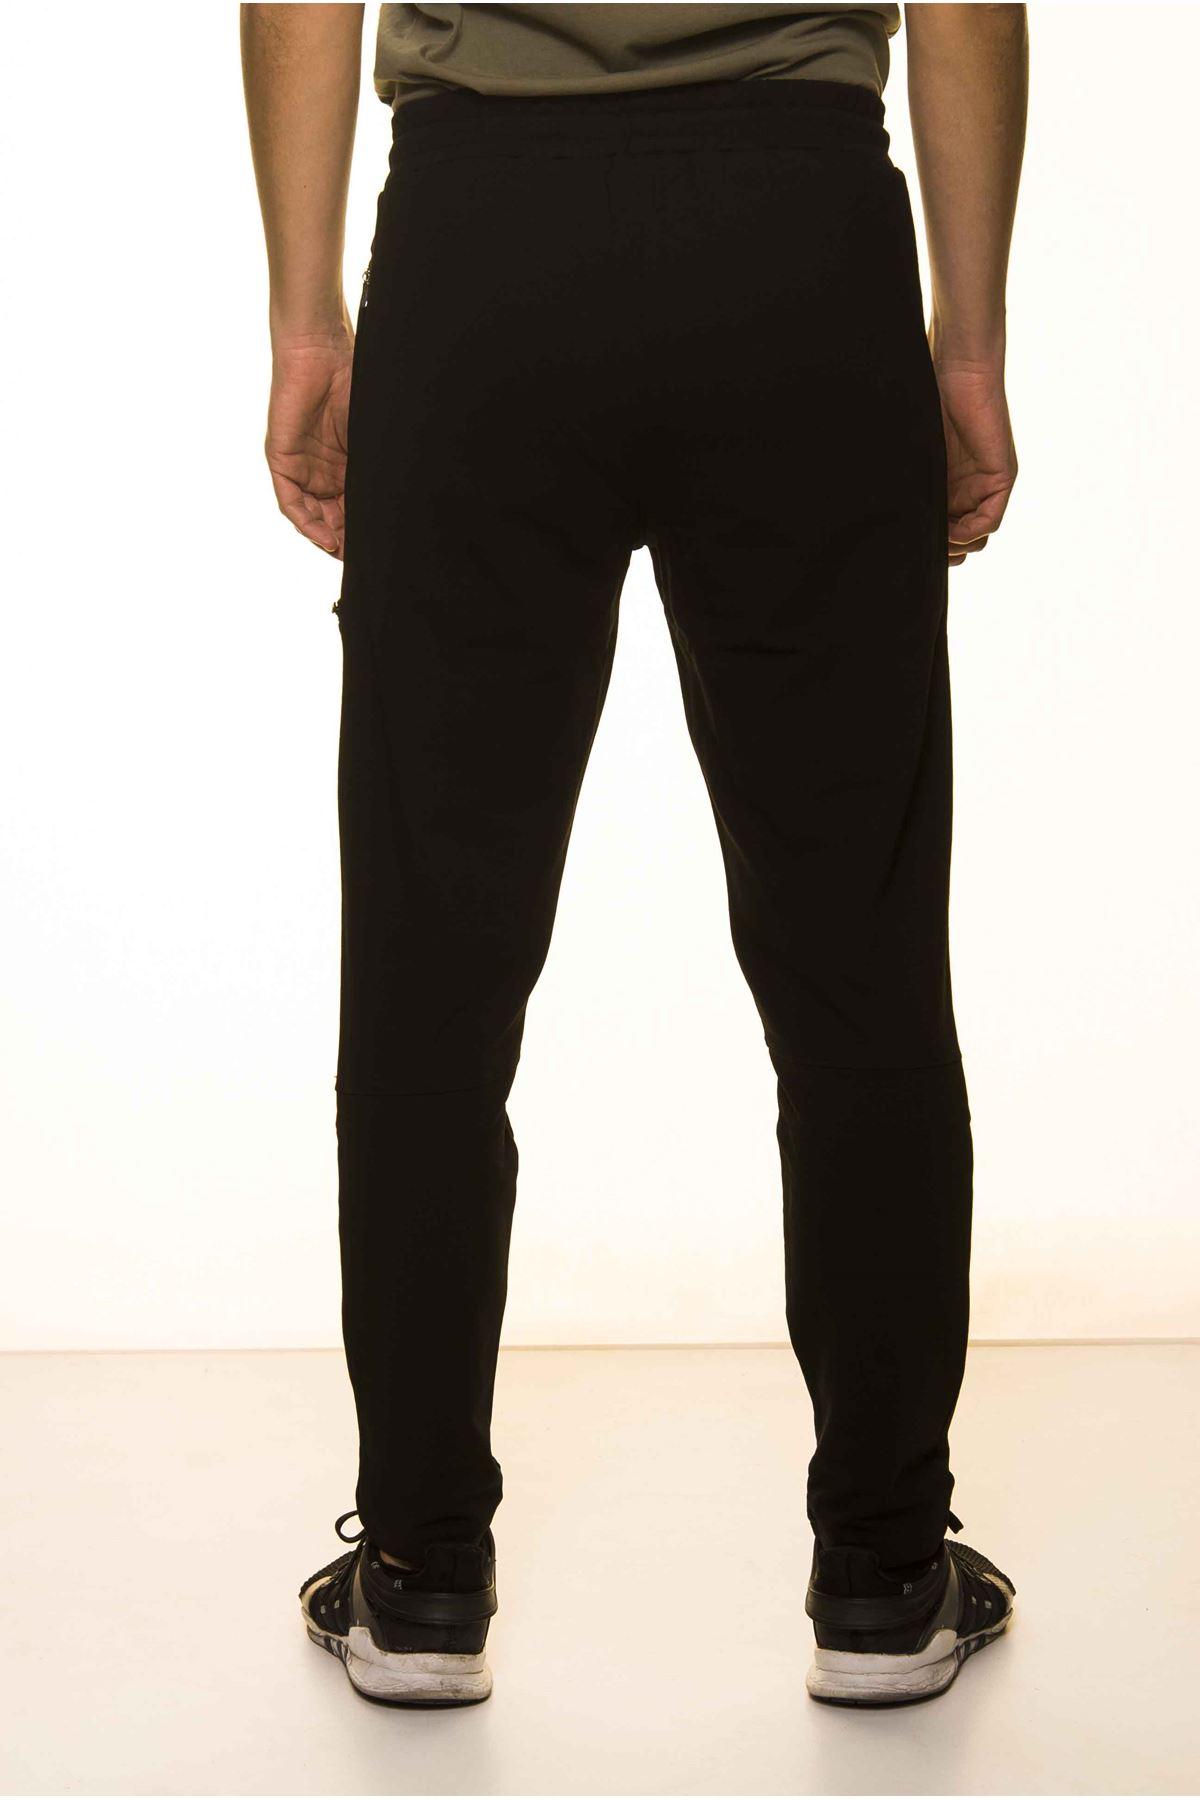 Siyah Fermuar Detaylı Tarz Erkek Eşofman Altı 11C-1117